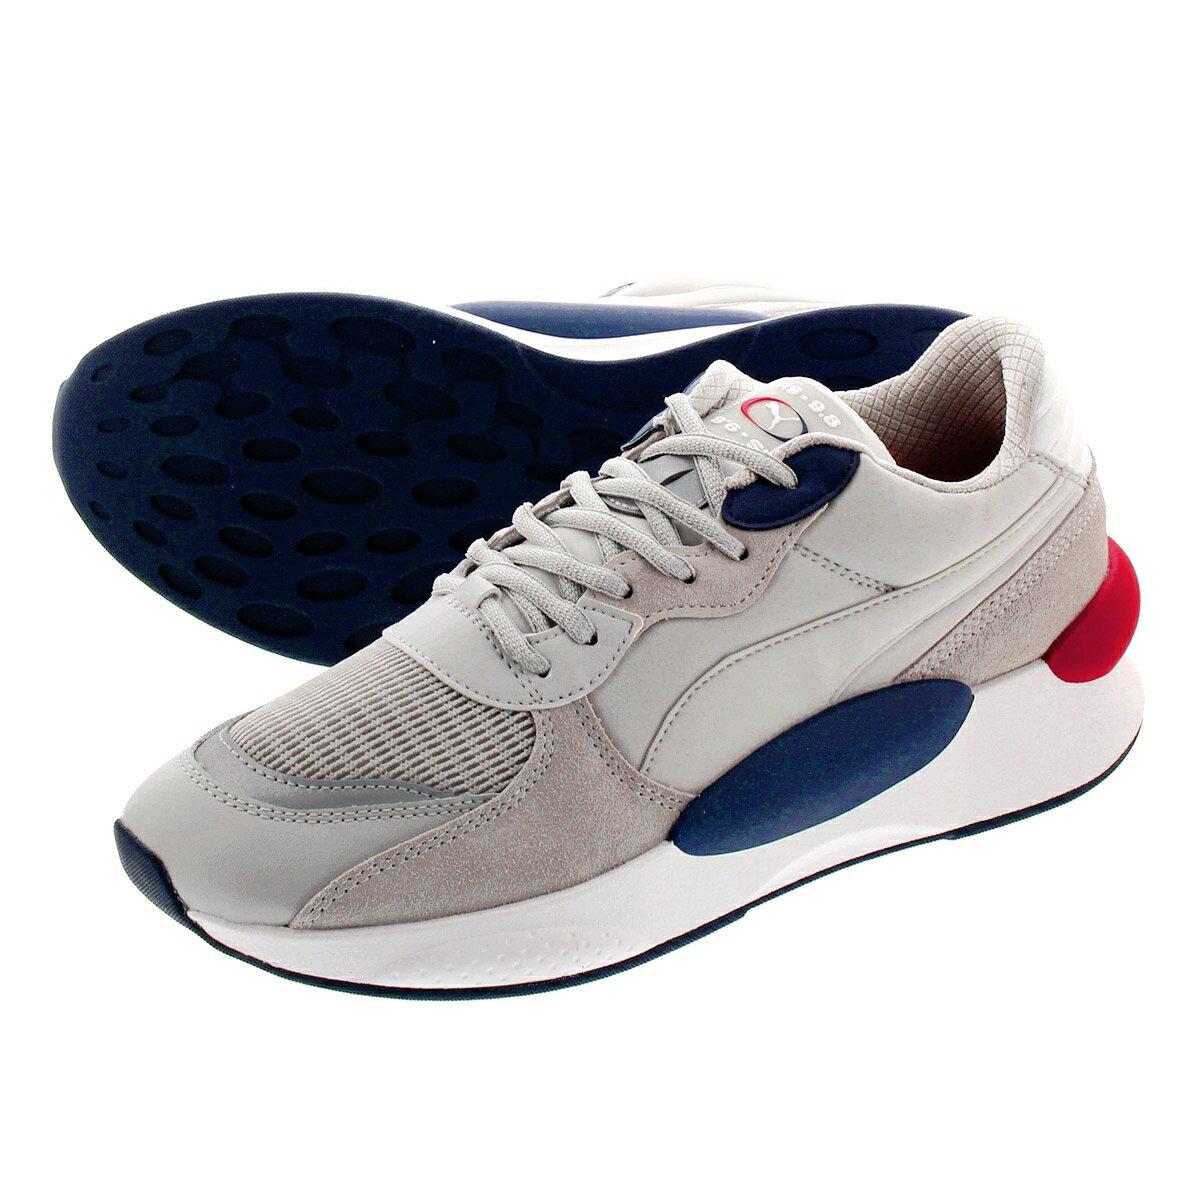 メンズ靴, スニーカー PUMA RS 9.8 GRAVITY RS 9.8 GRAY VIOLETPEACOAT 370370-03